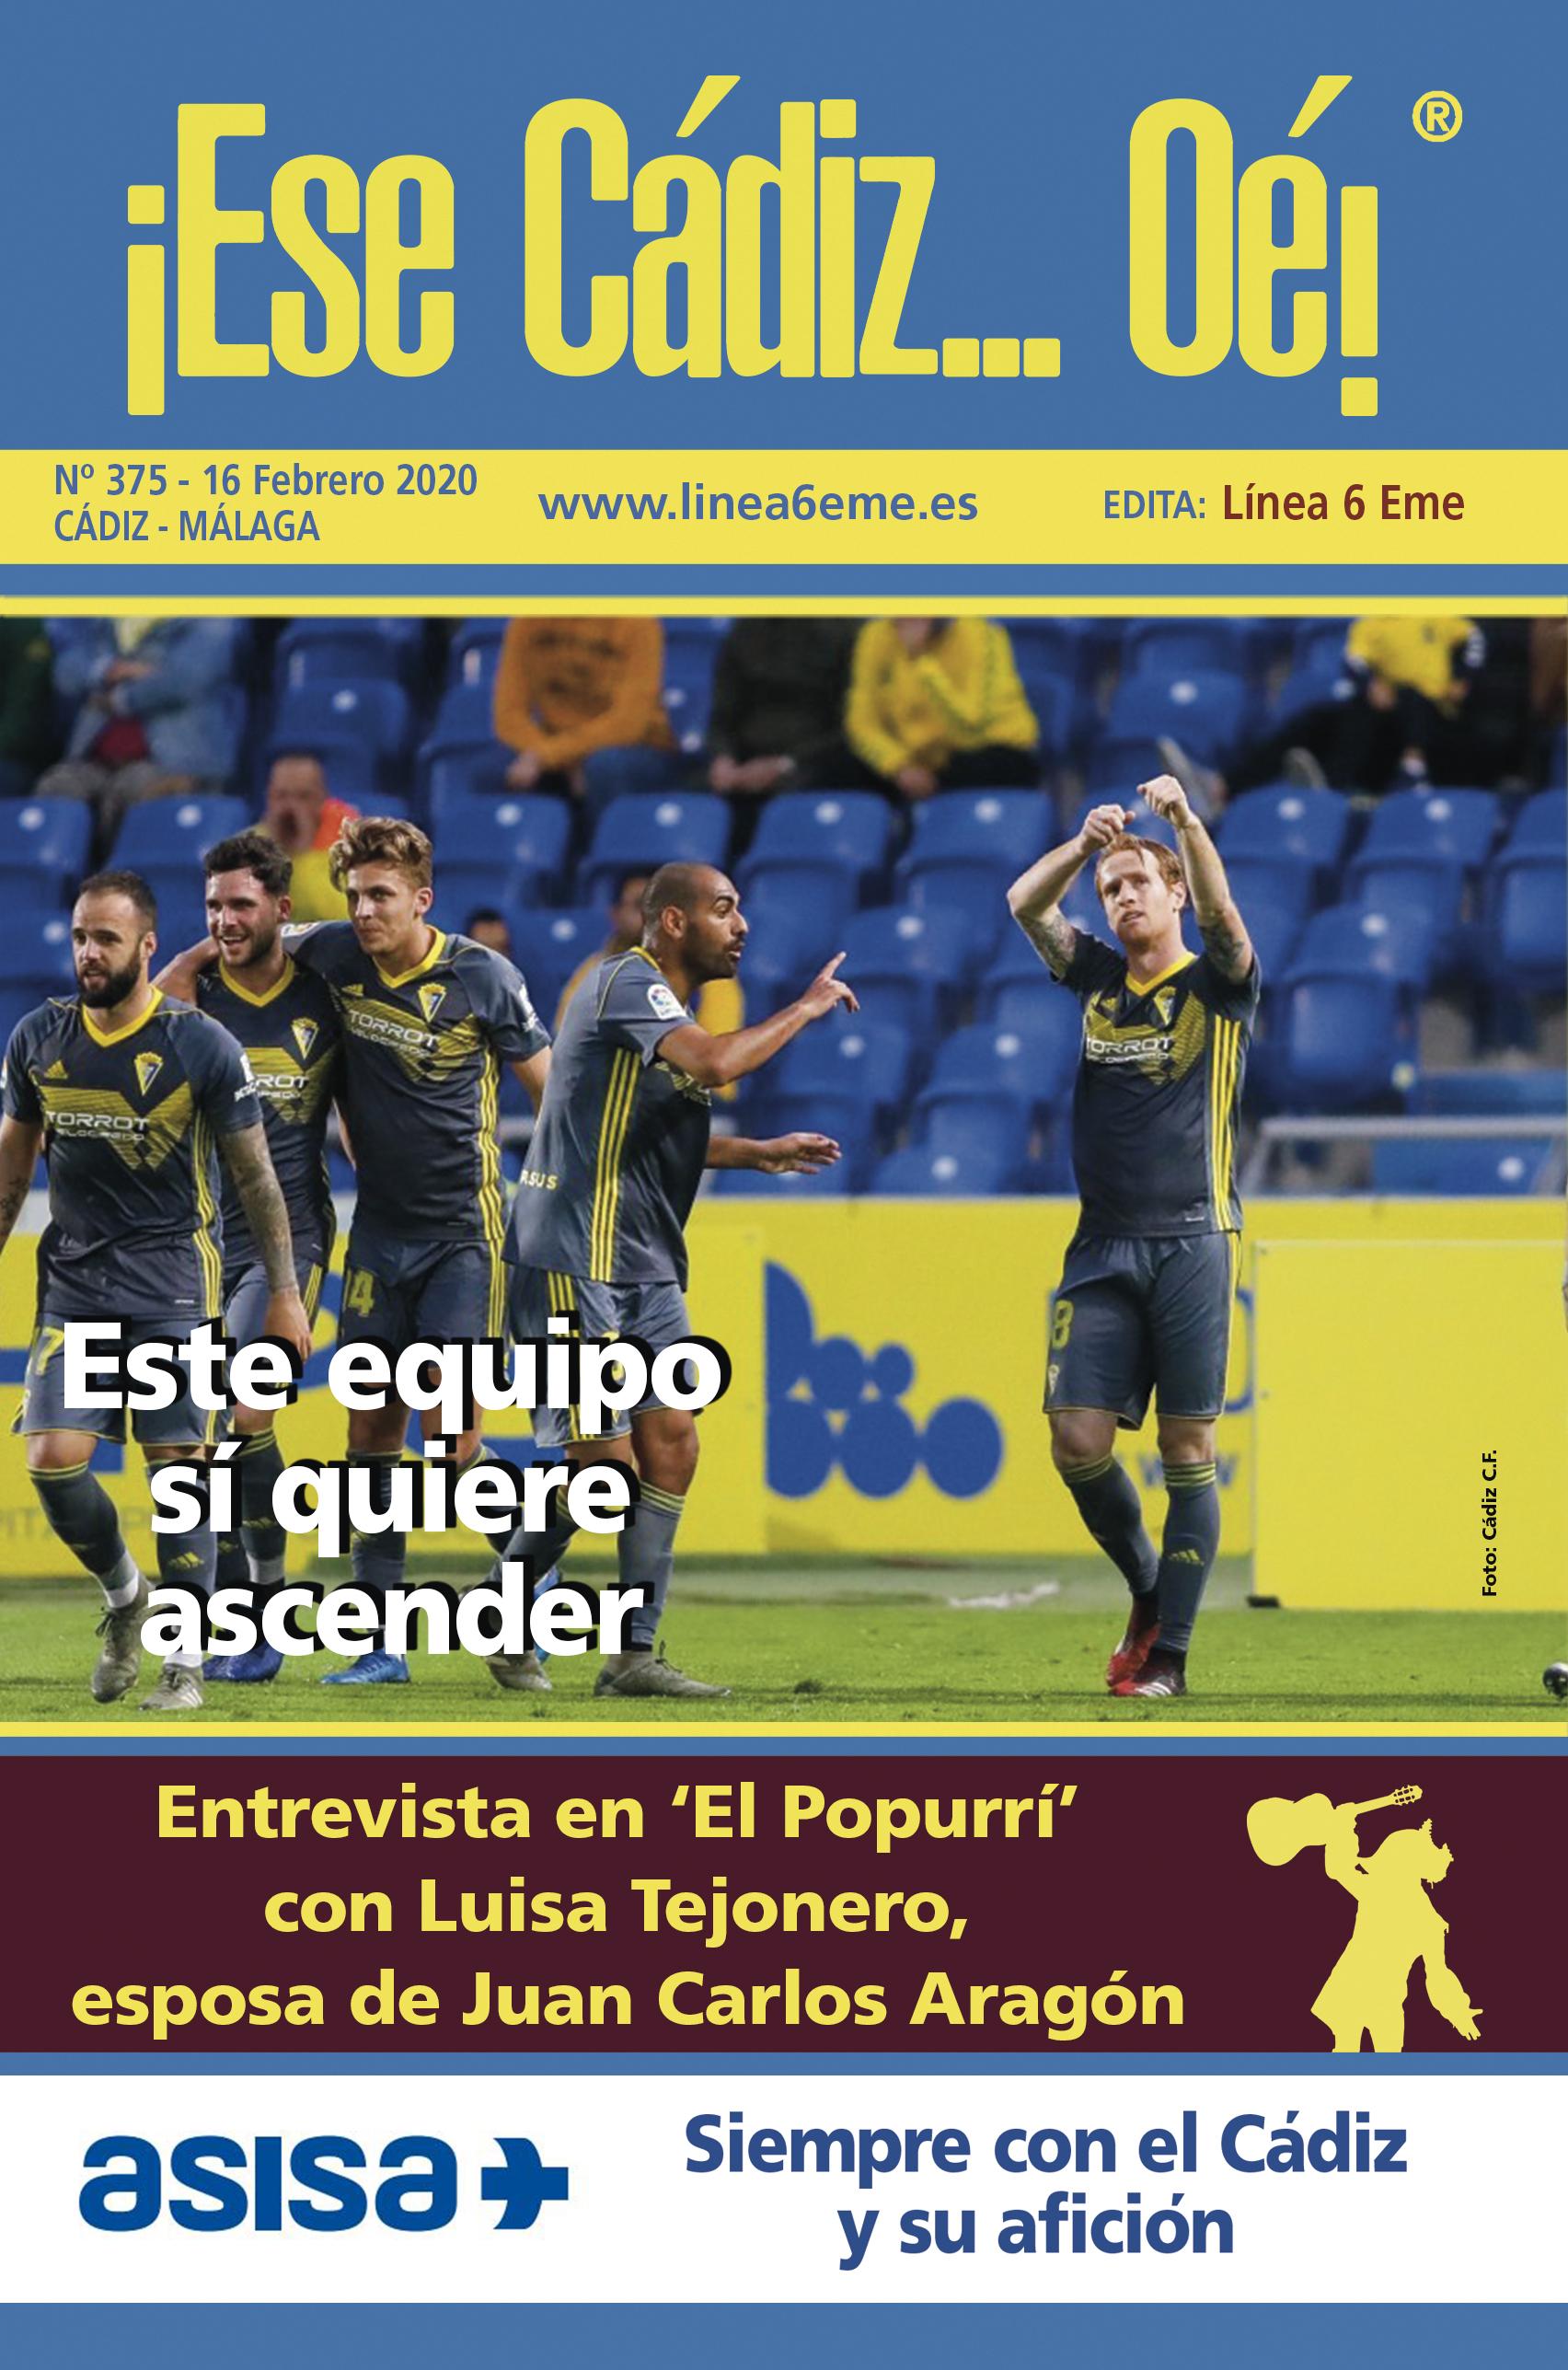 ¡Ese Cádiz…Oé! núm. 375 Temporada 2019/20